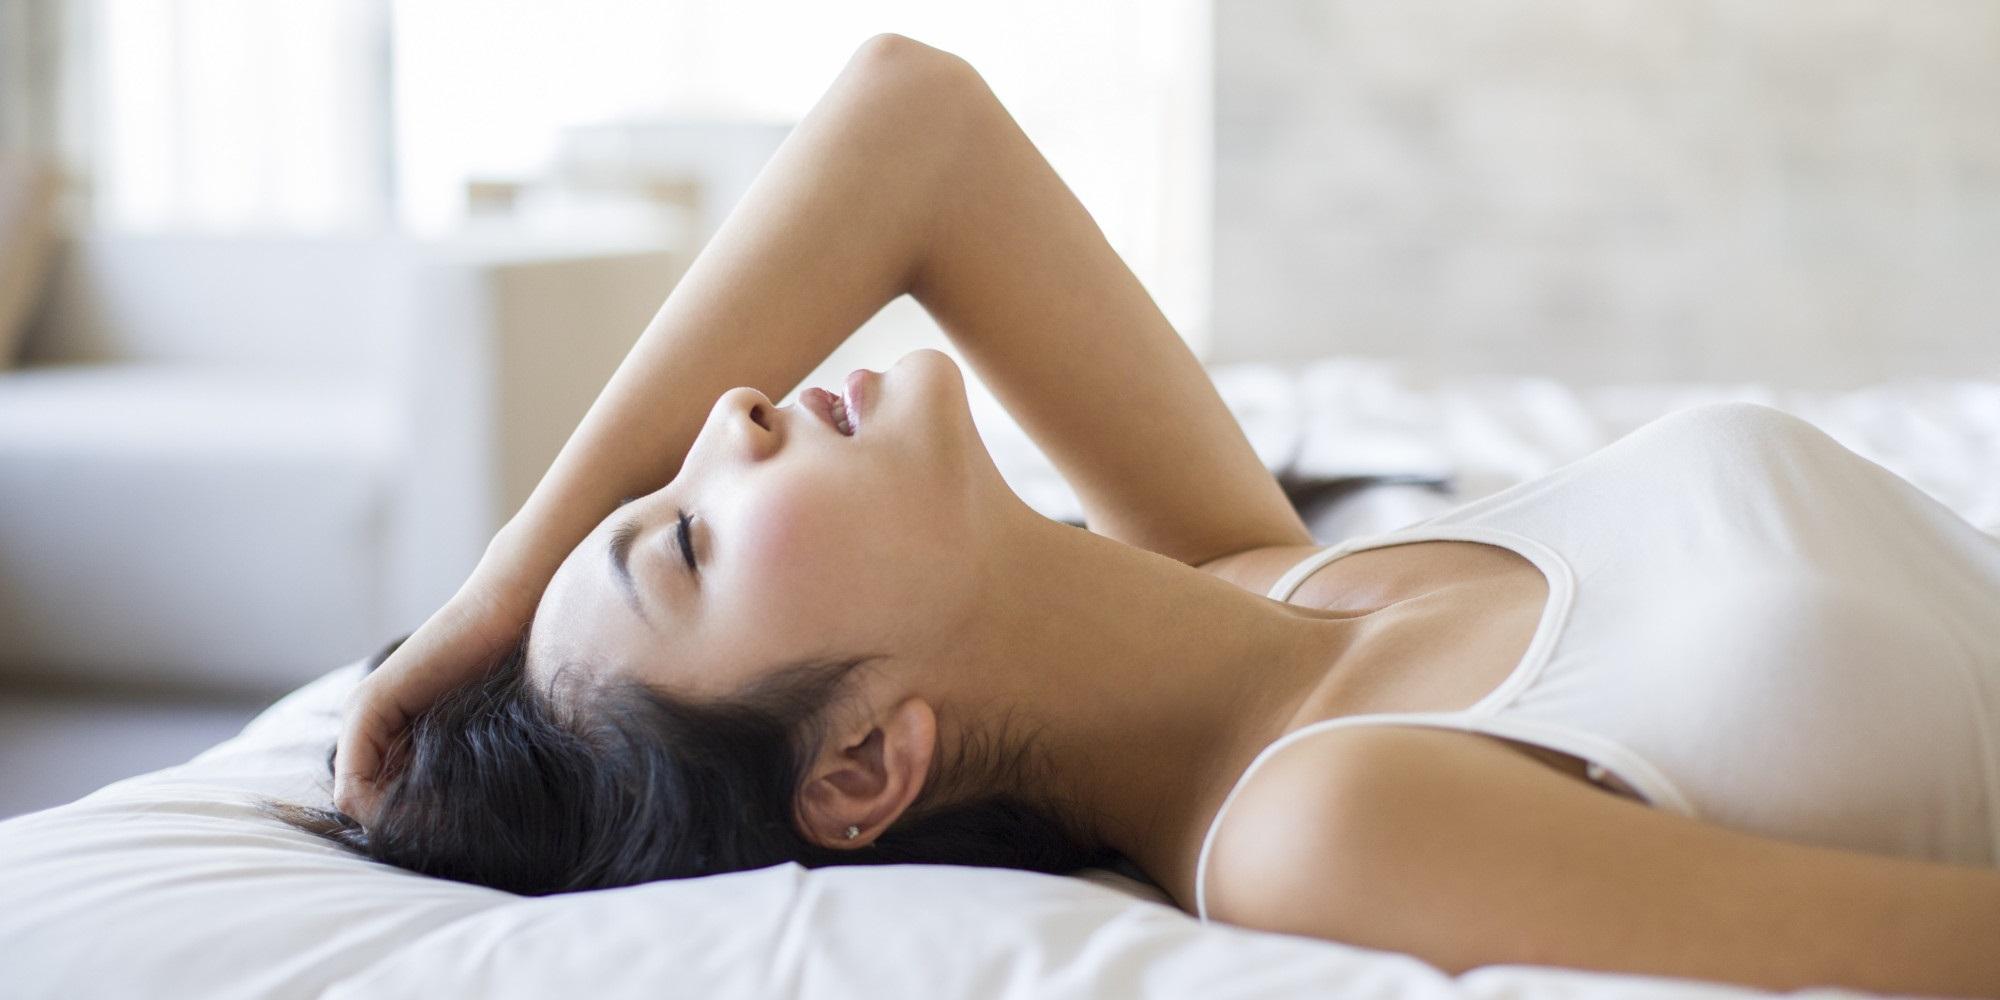 Căng thẳng khiến nồng độ oxytocin trong cơ thể suy giảm